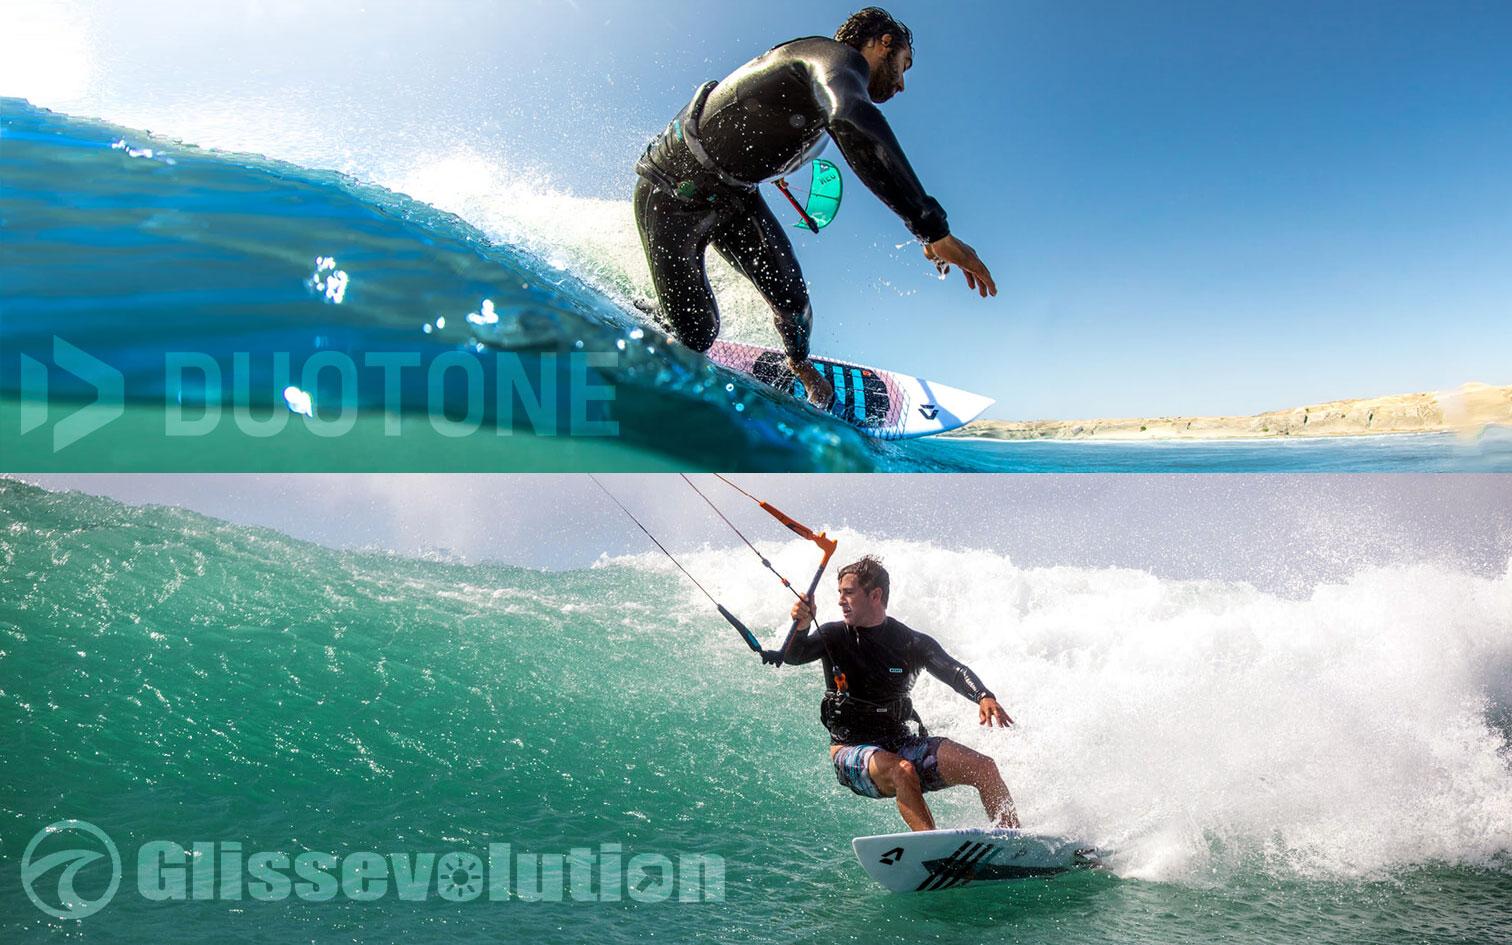 Planches de surfkite Duotone kiteboarding 2020